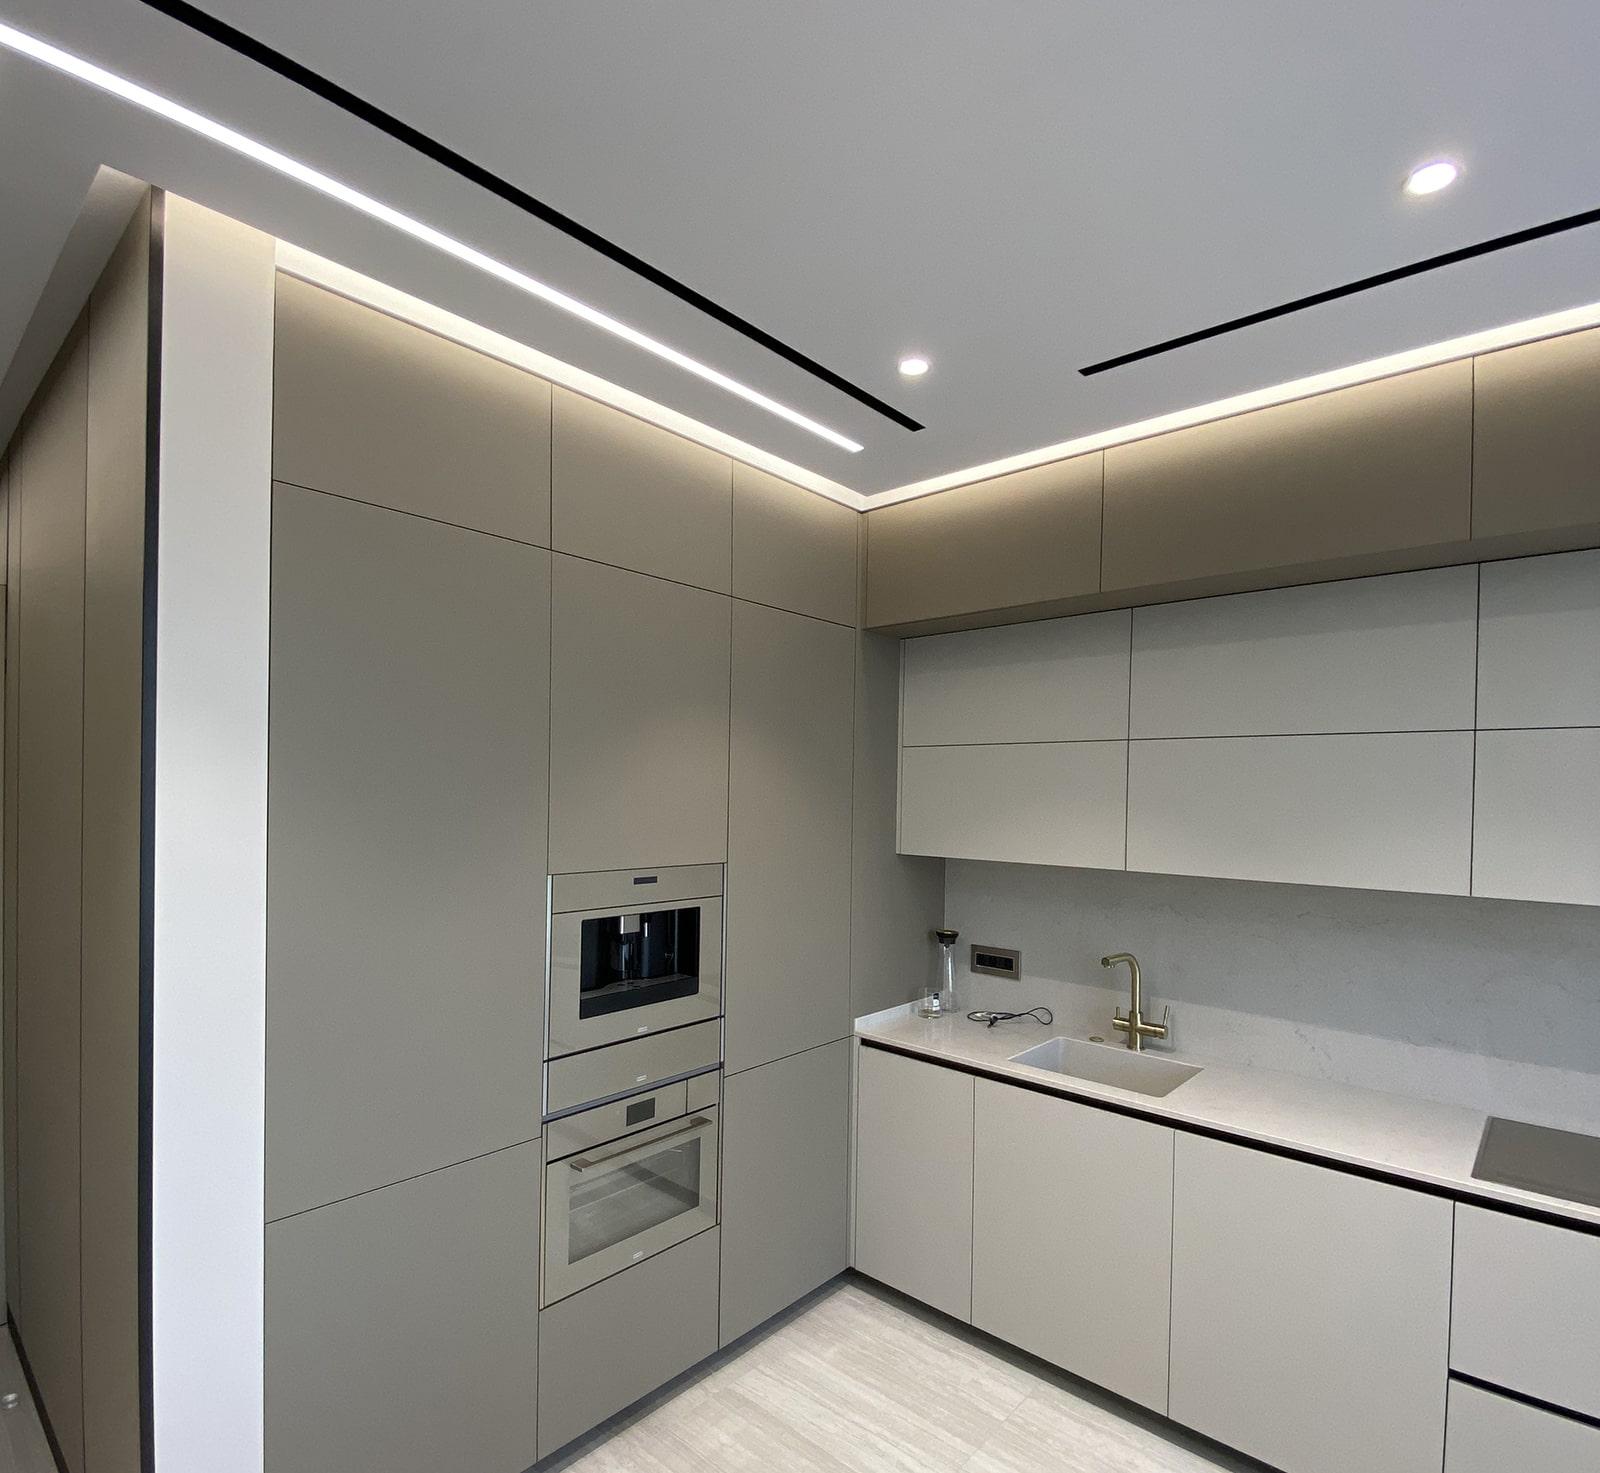 Диффузоры и освещение на кухне